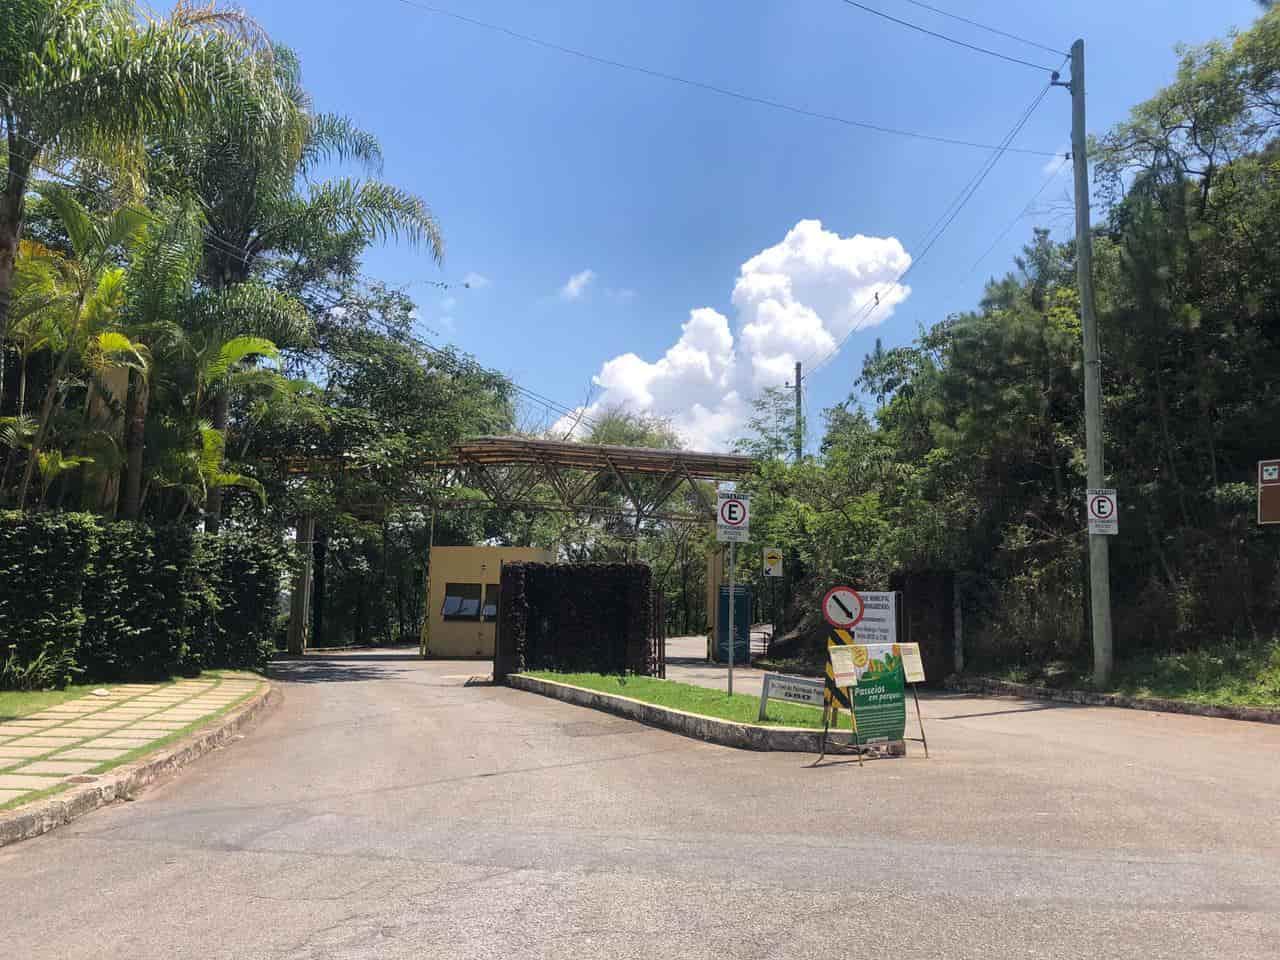 Parque Mangabeira - Atração imperdível em BH, acesso Sul